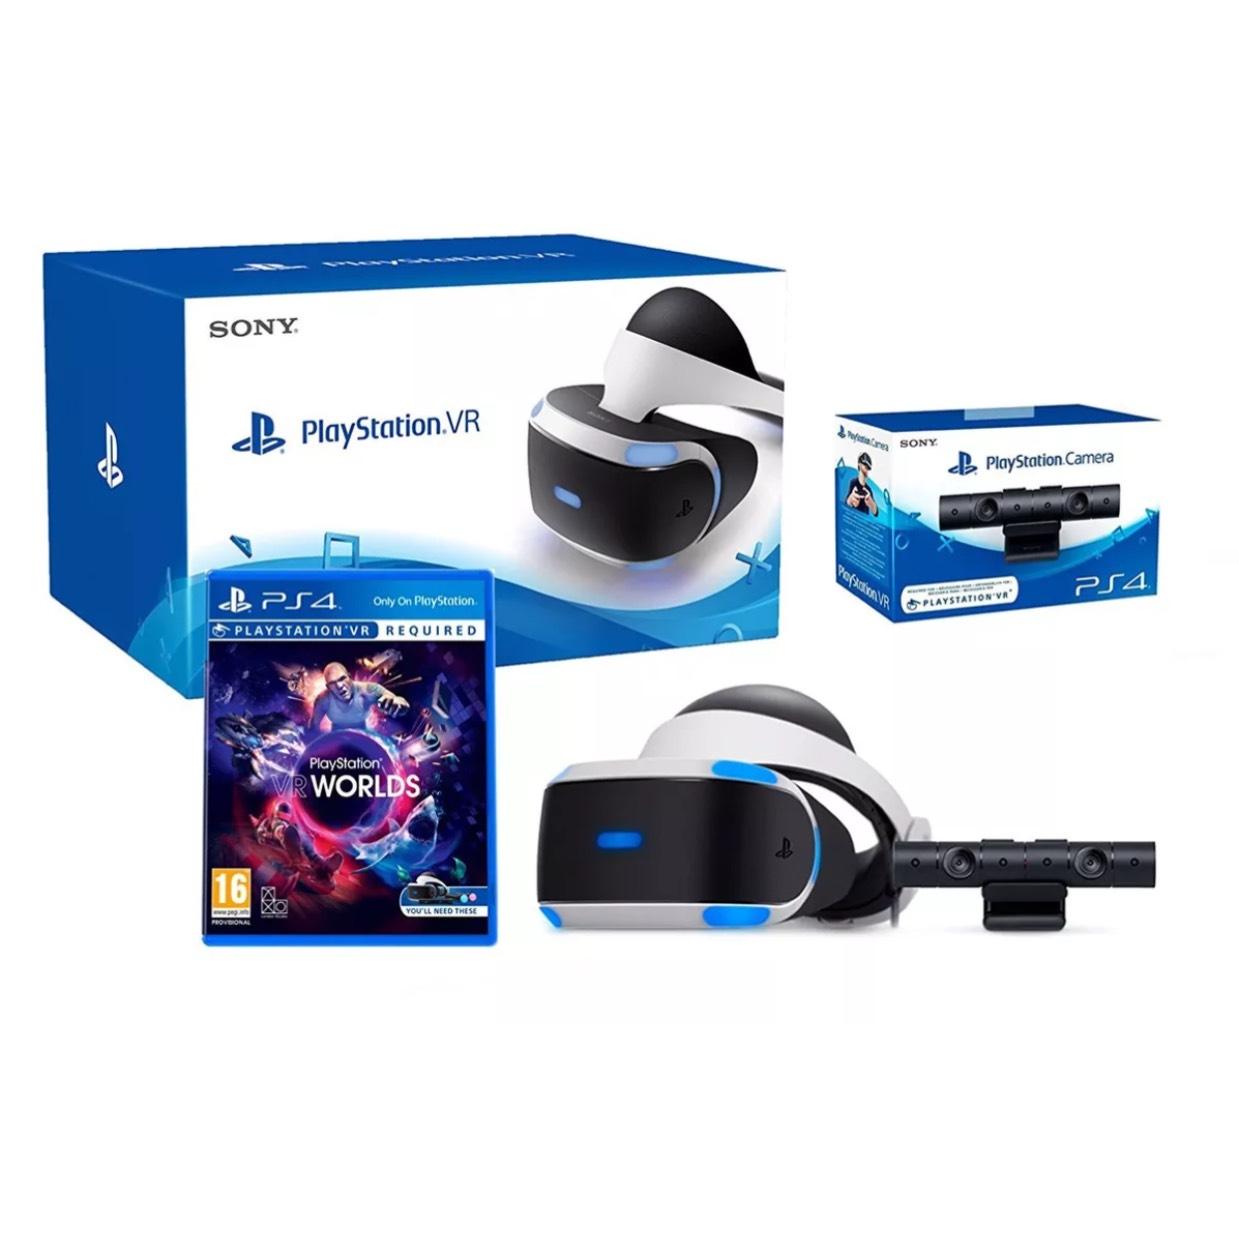 PS VR + camera V2 + VR worlds £229.99 & other bundles @ ebay via evergame UK